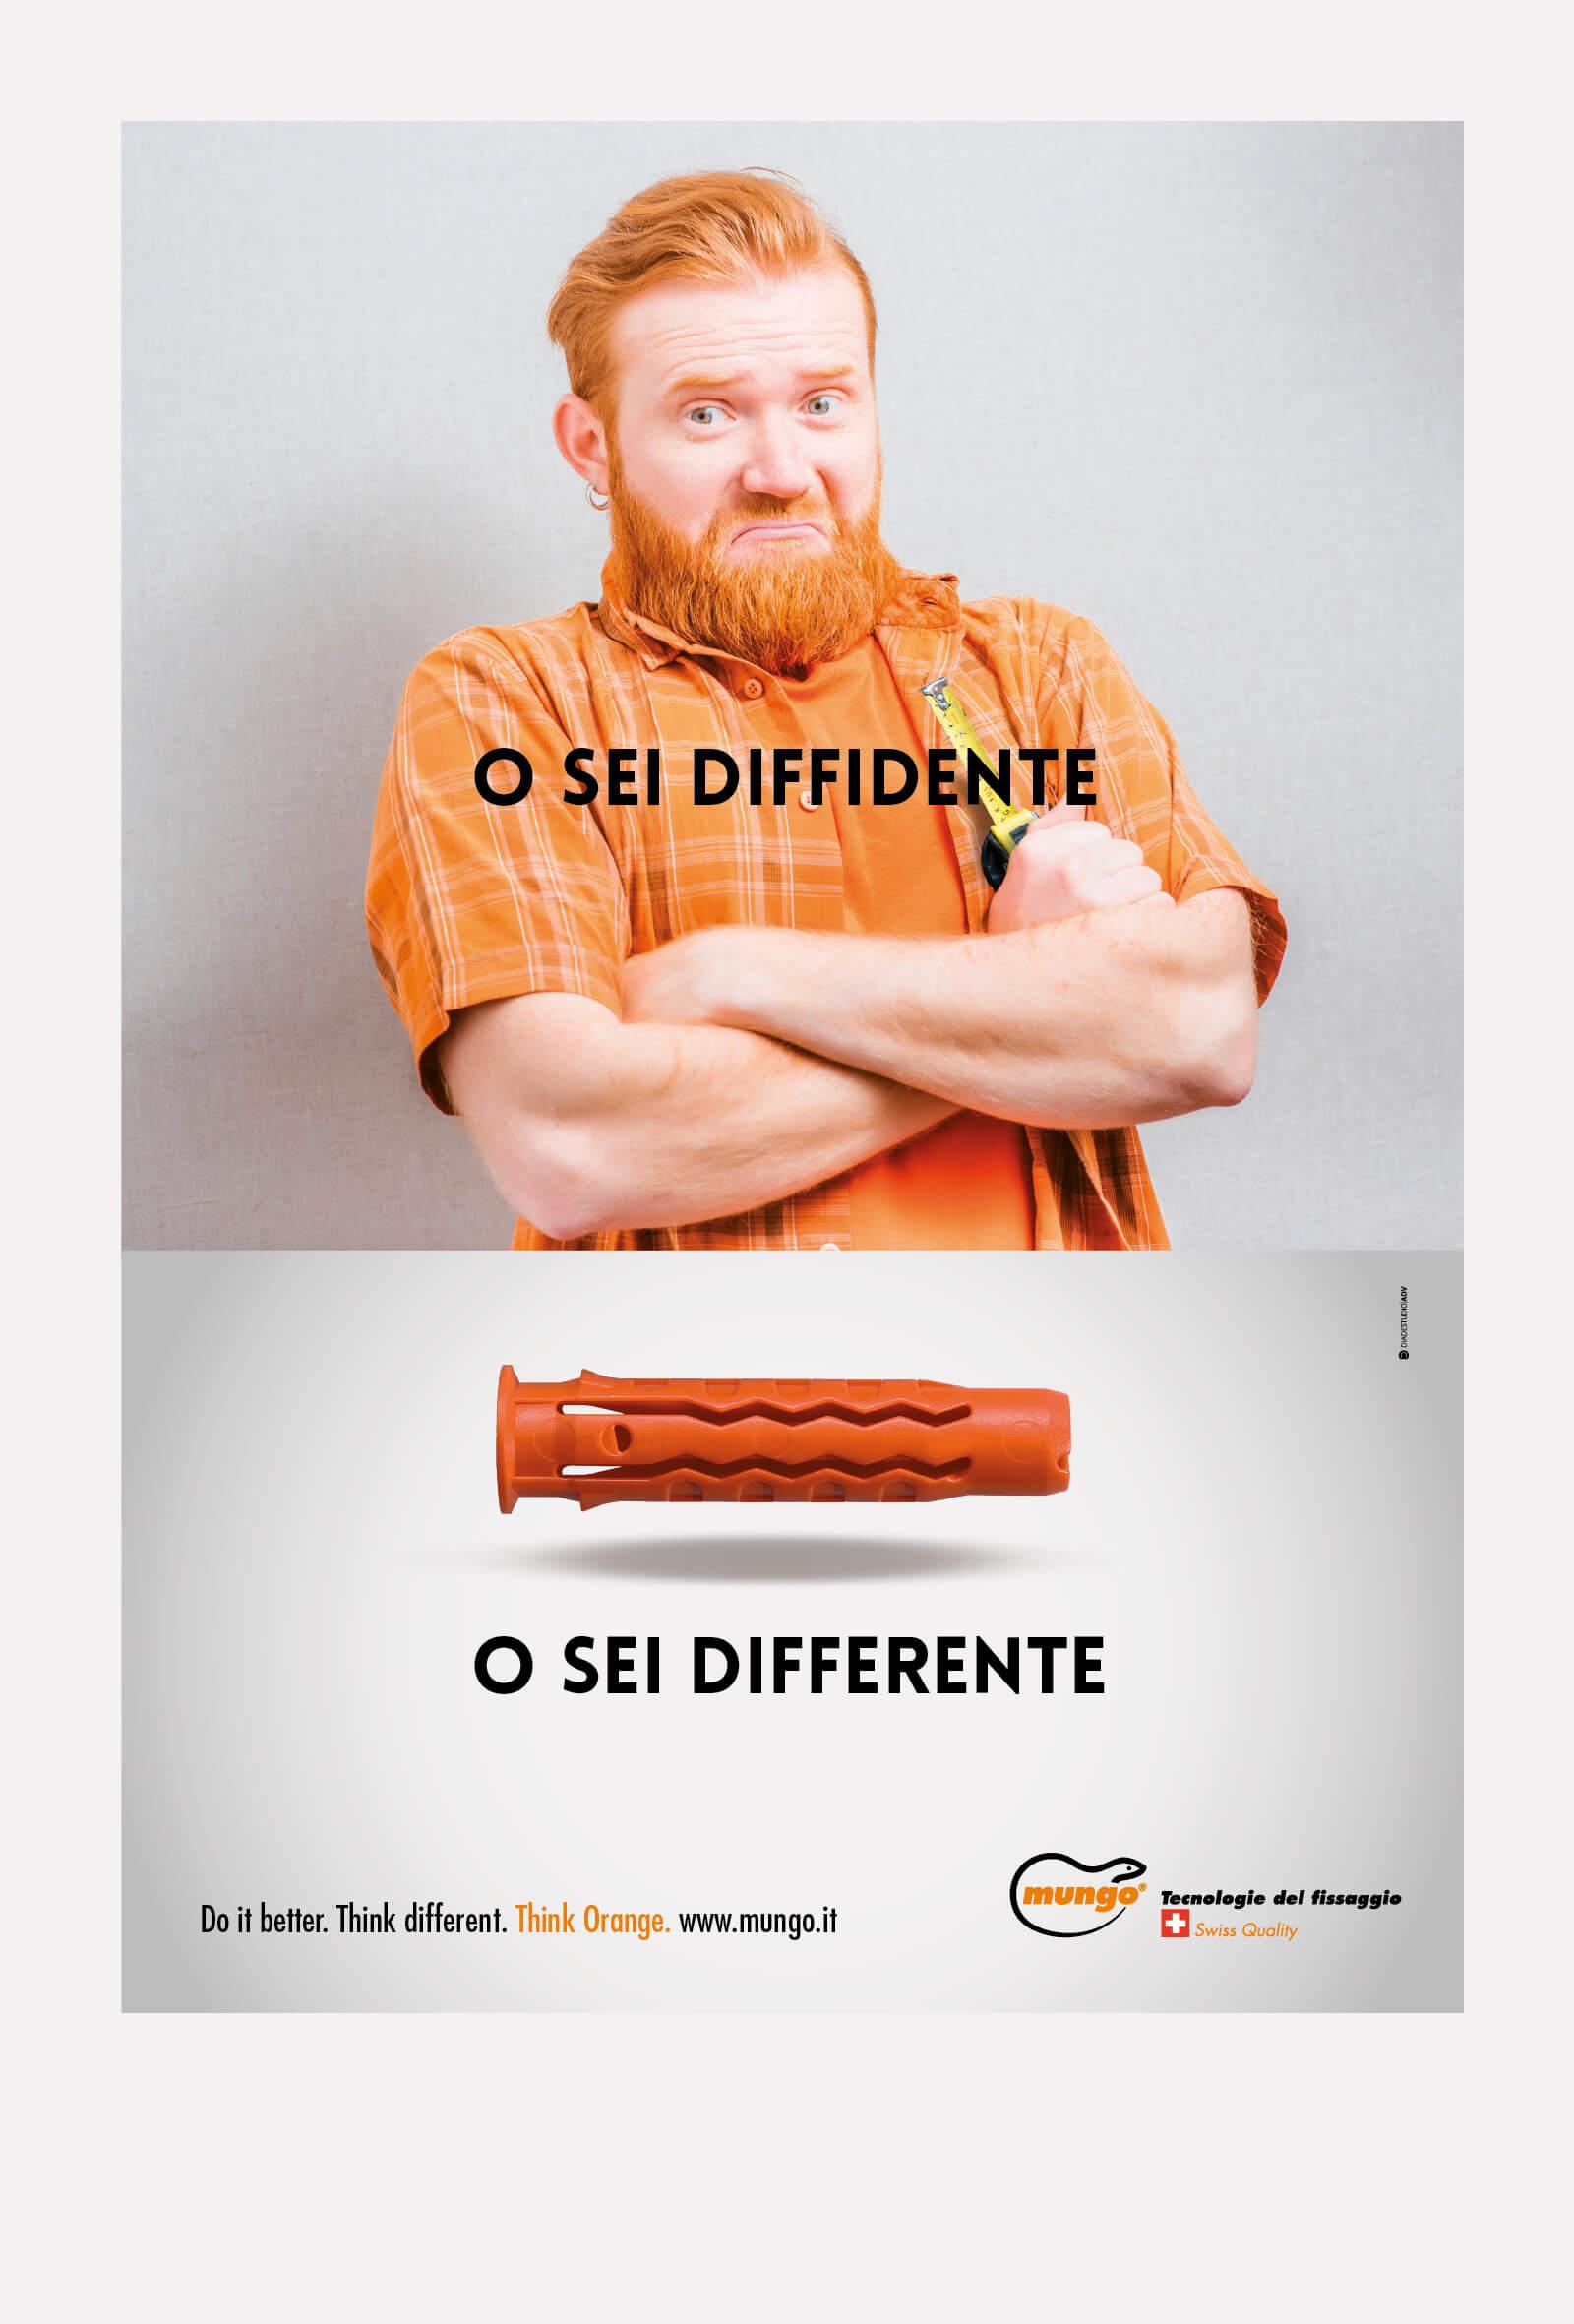 annuncio stampa campagna stampa mungo italia, diadestudio arco di trento